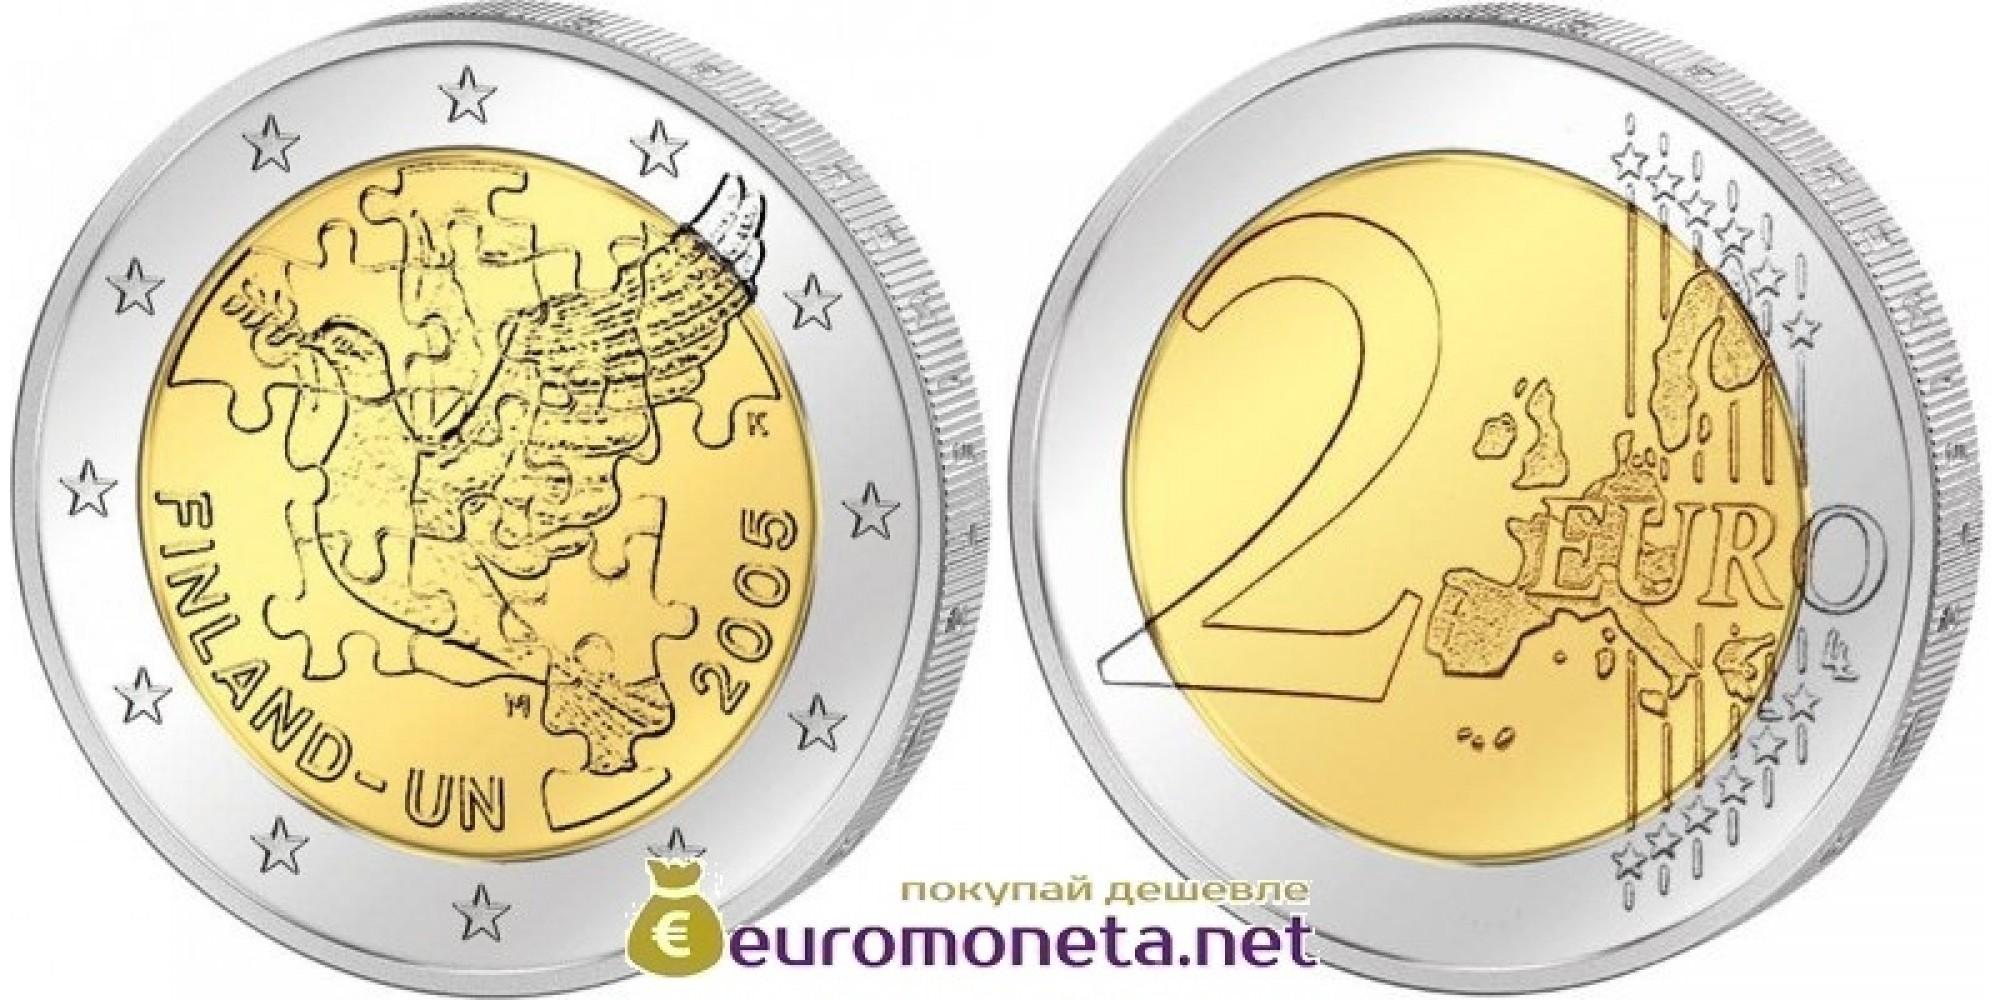 Финляндия 2 евро 2005 год Голубь ООН, биметалл АЦ из банковского ролла